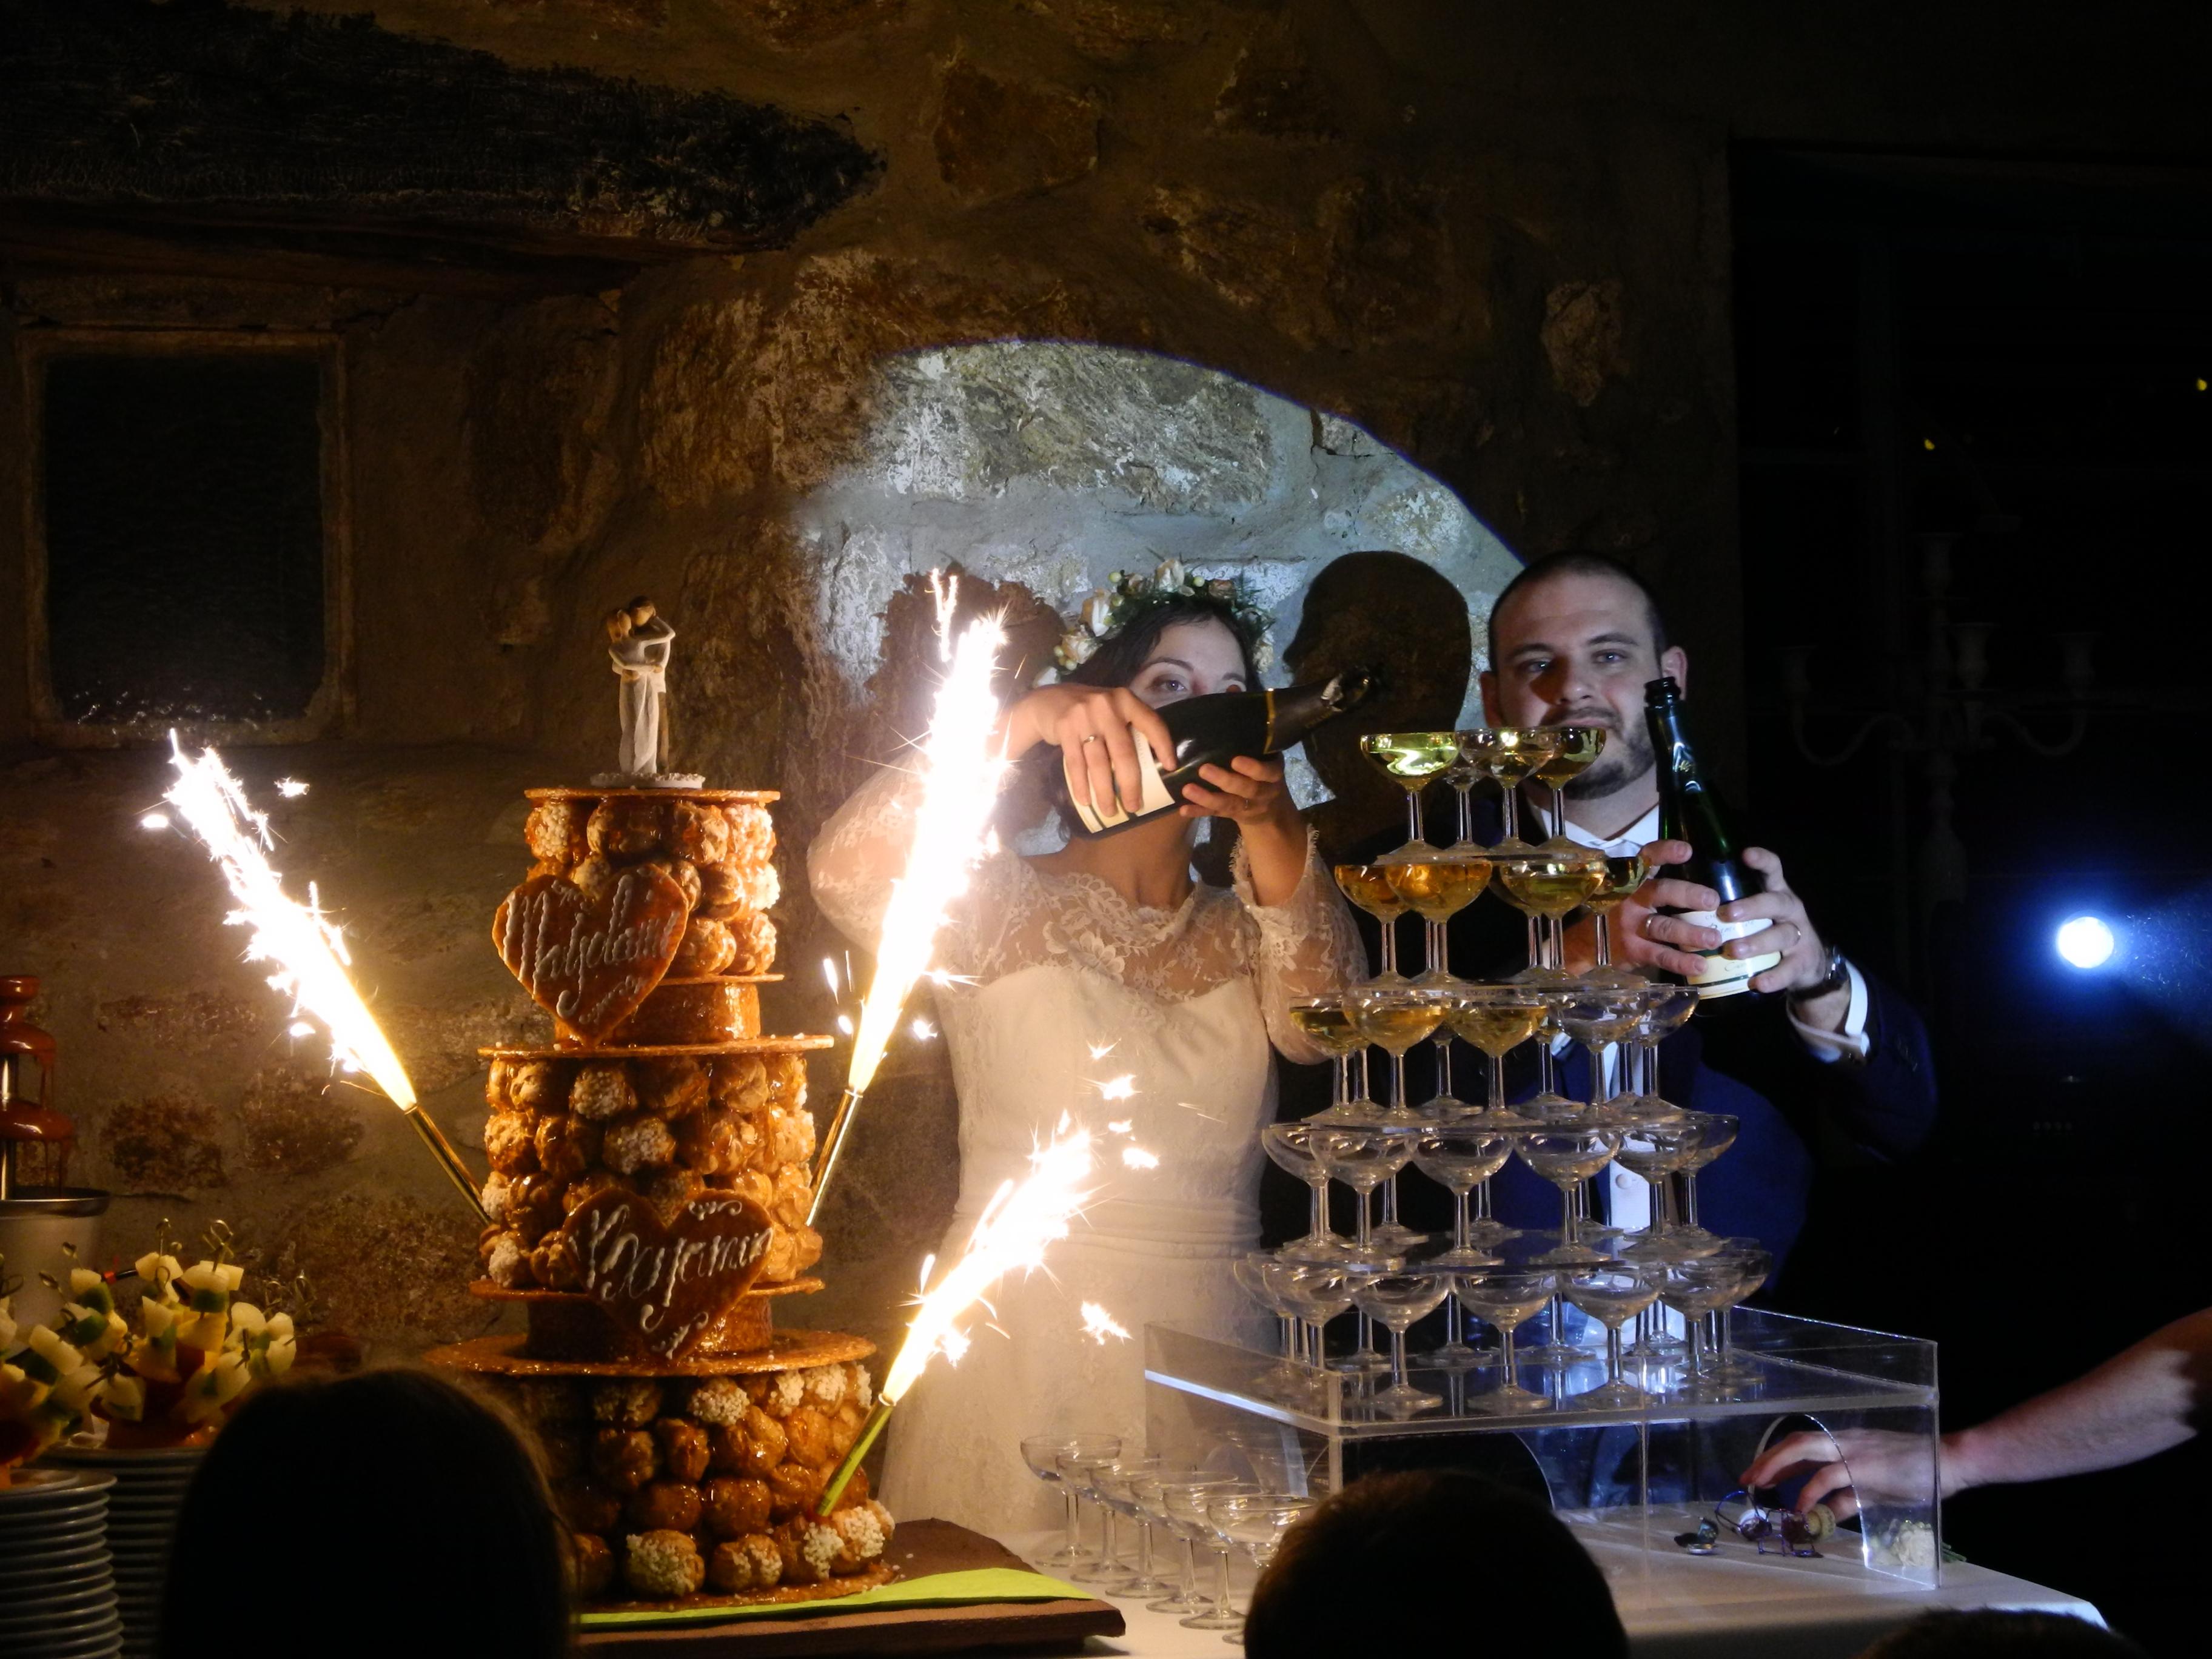 Mon mariage d'hiver à la lueur des bougies : le repas et ses surprises